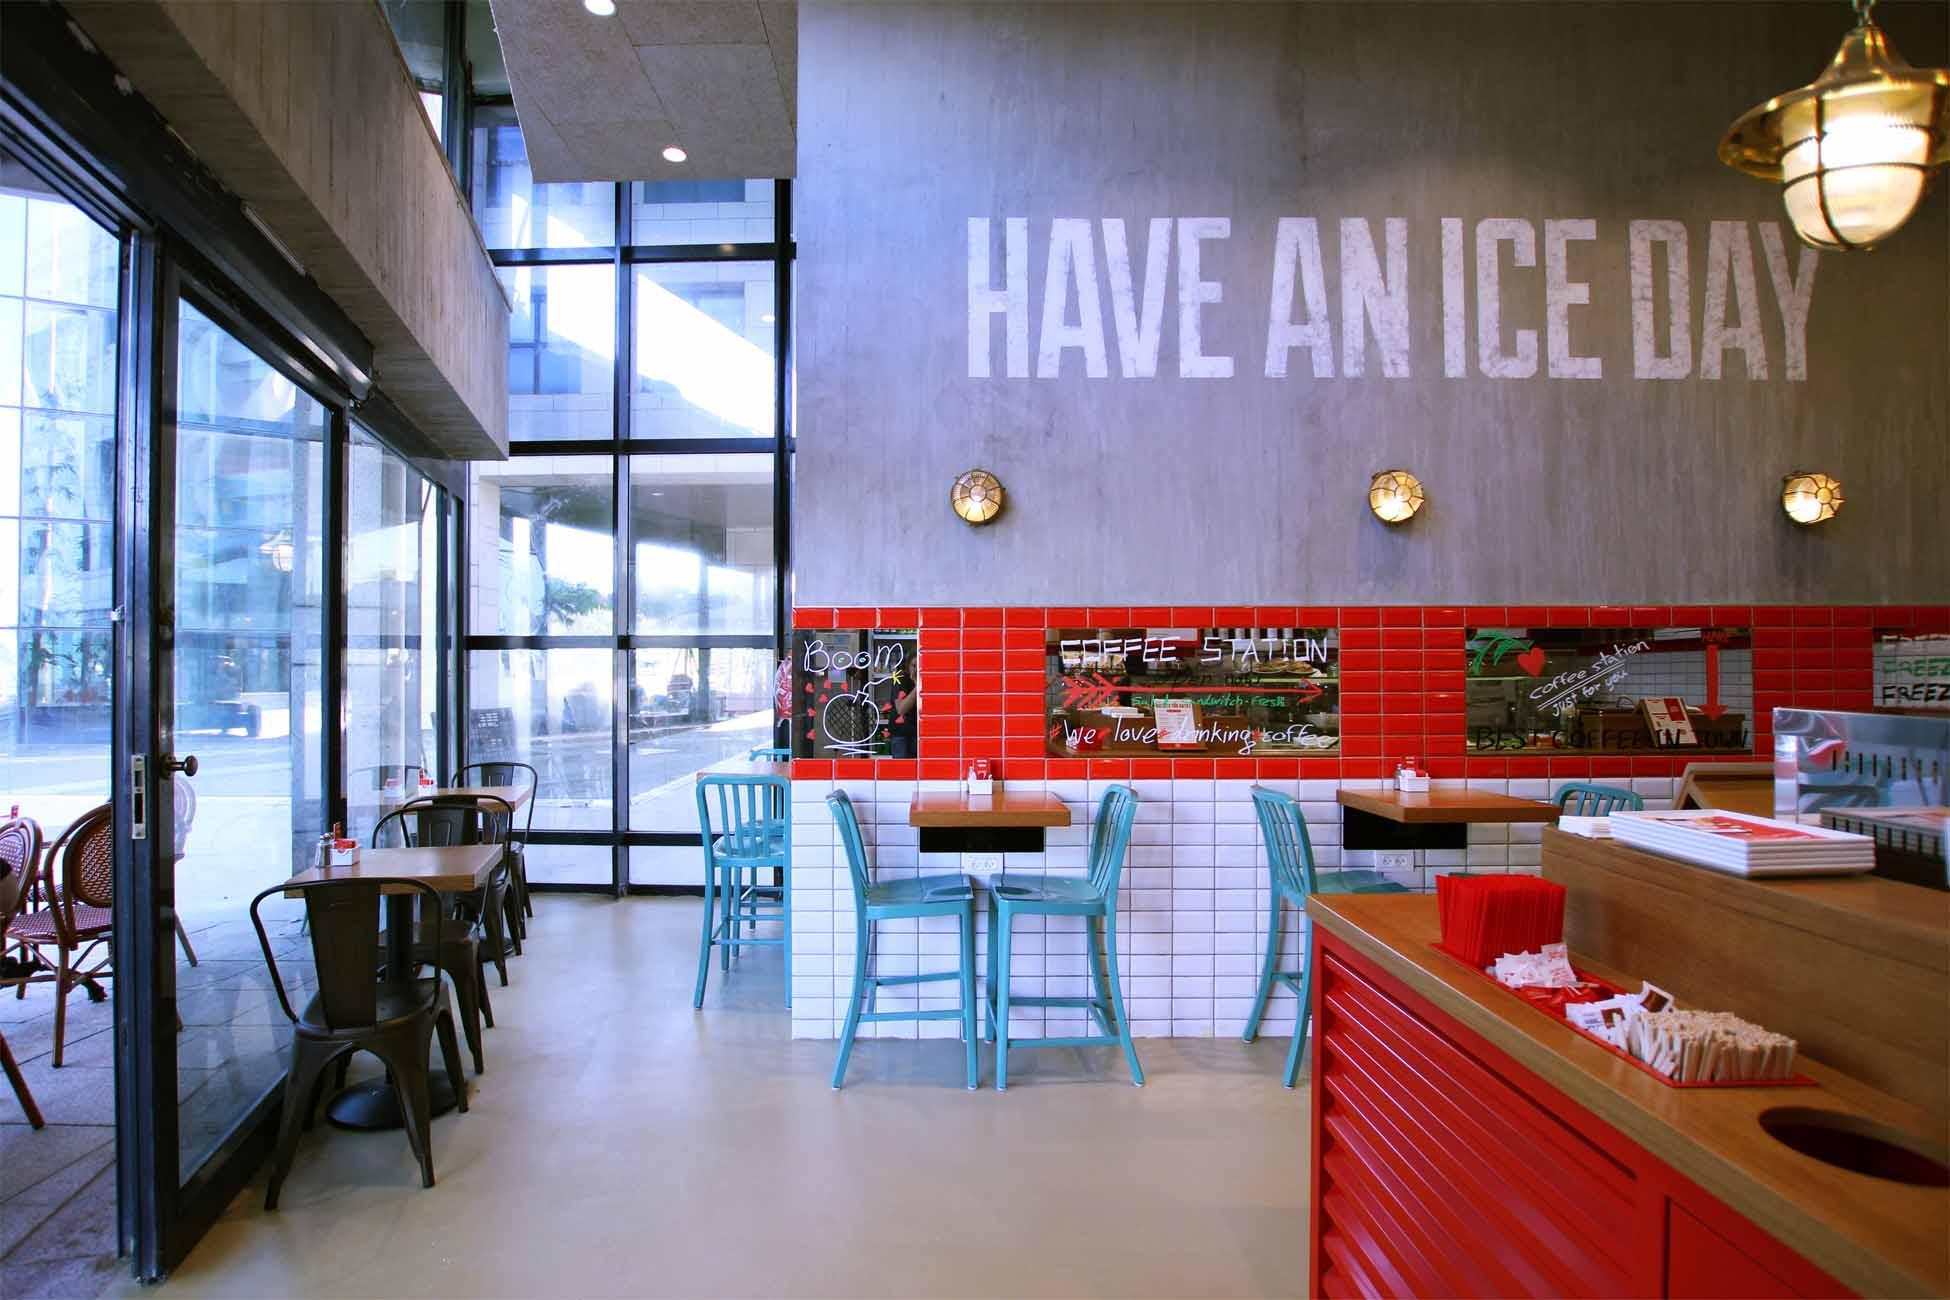 2_Coffee Station Hertzelia.jpg